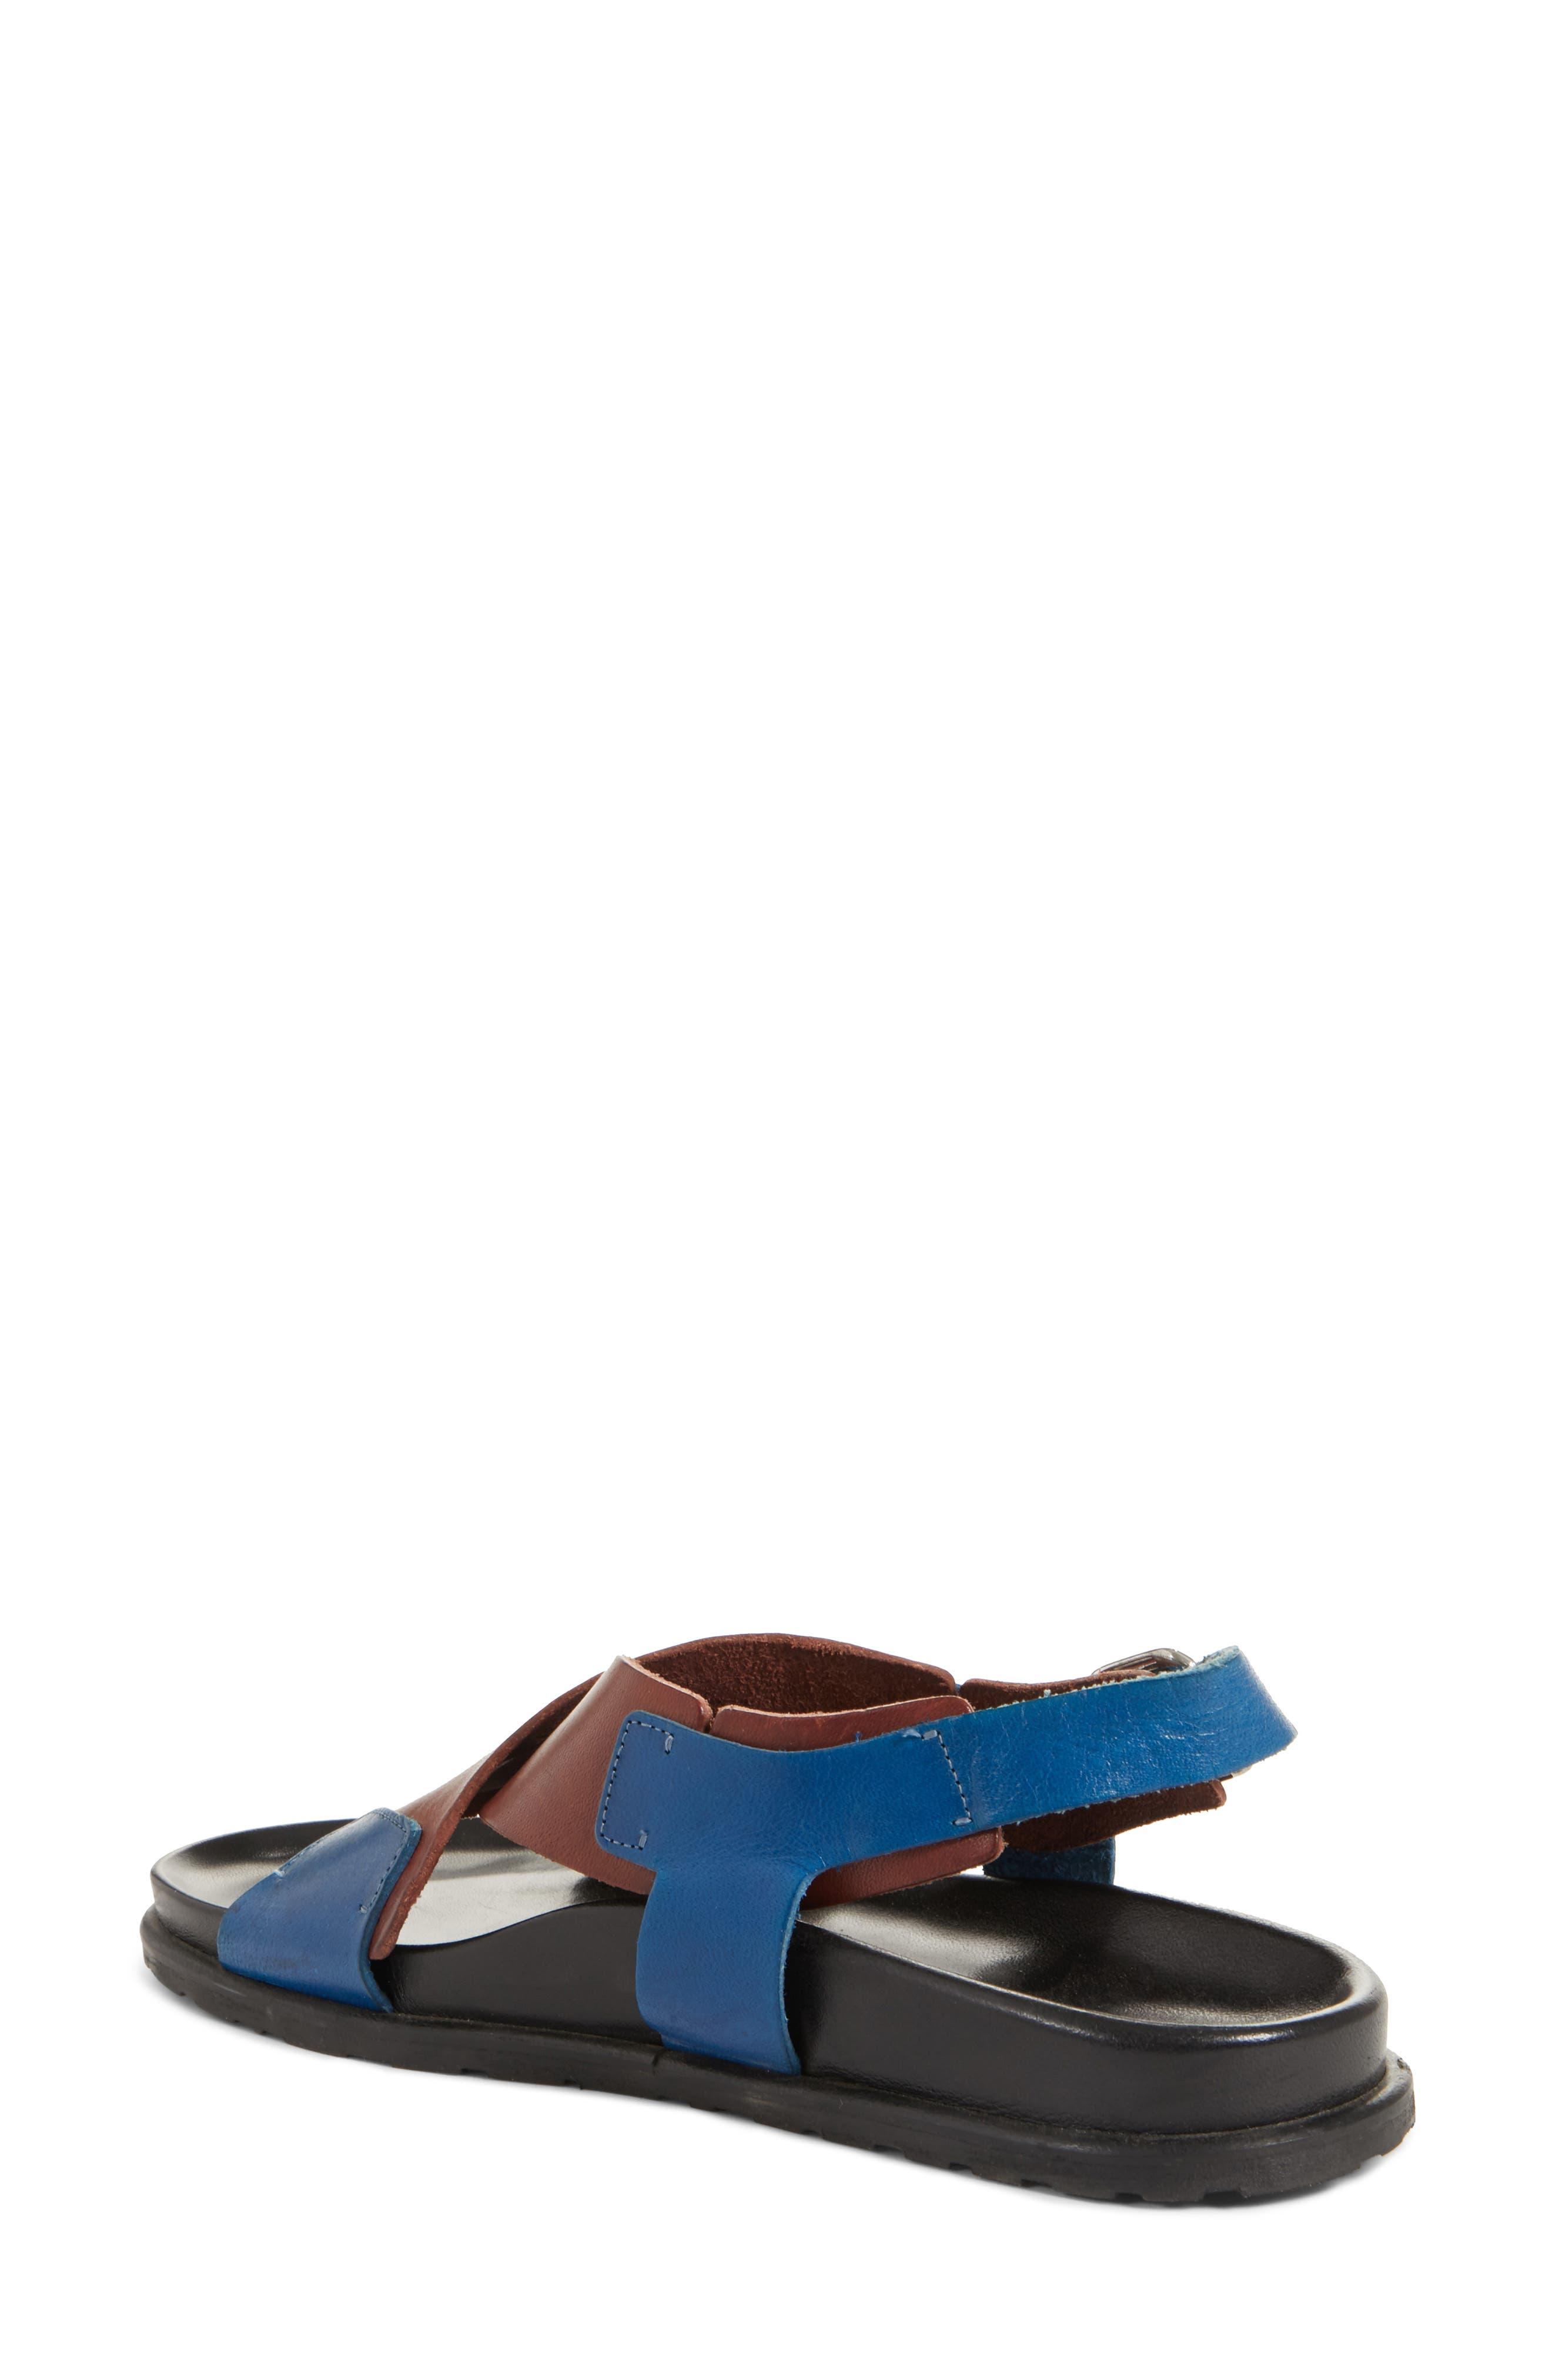 Bicolor Strappy Sandal,                             Alternate thumbnail 2, color,                             5Marsala/Denim